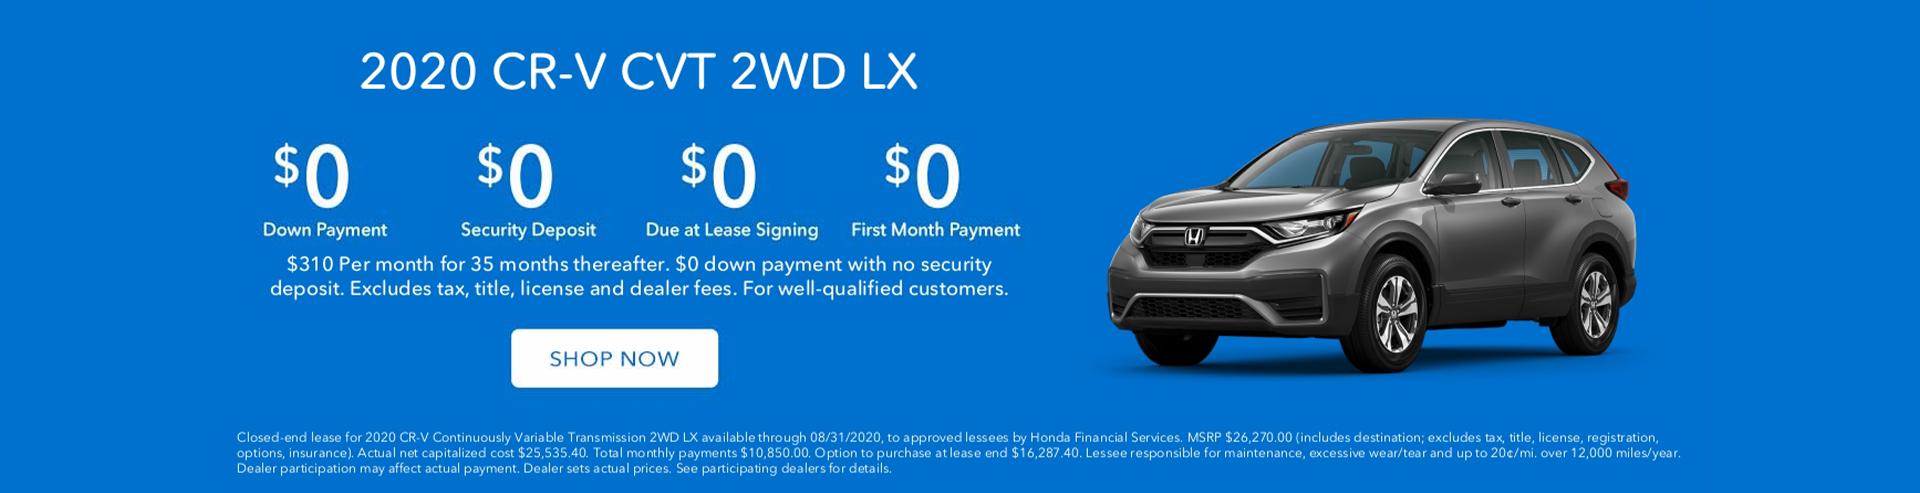 CR-V Lease Special St. Louis Honda Dealer